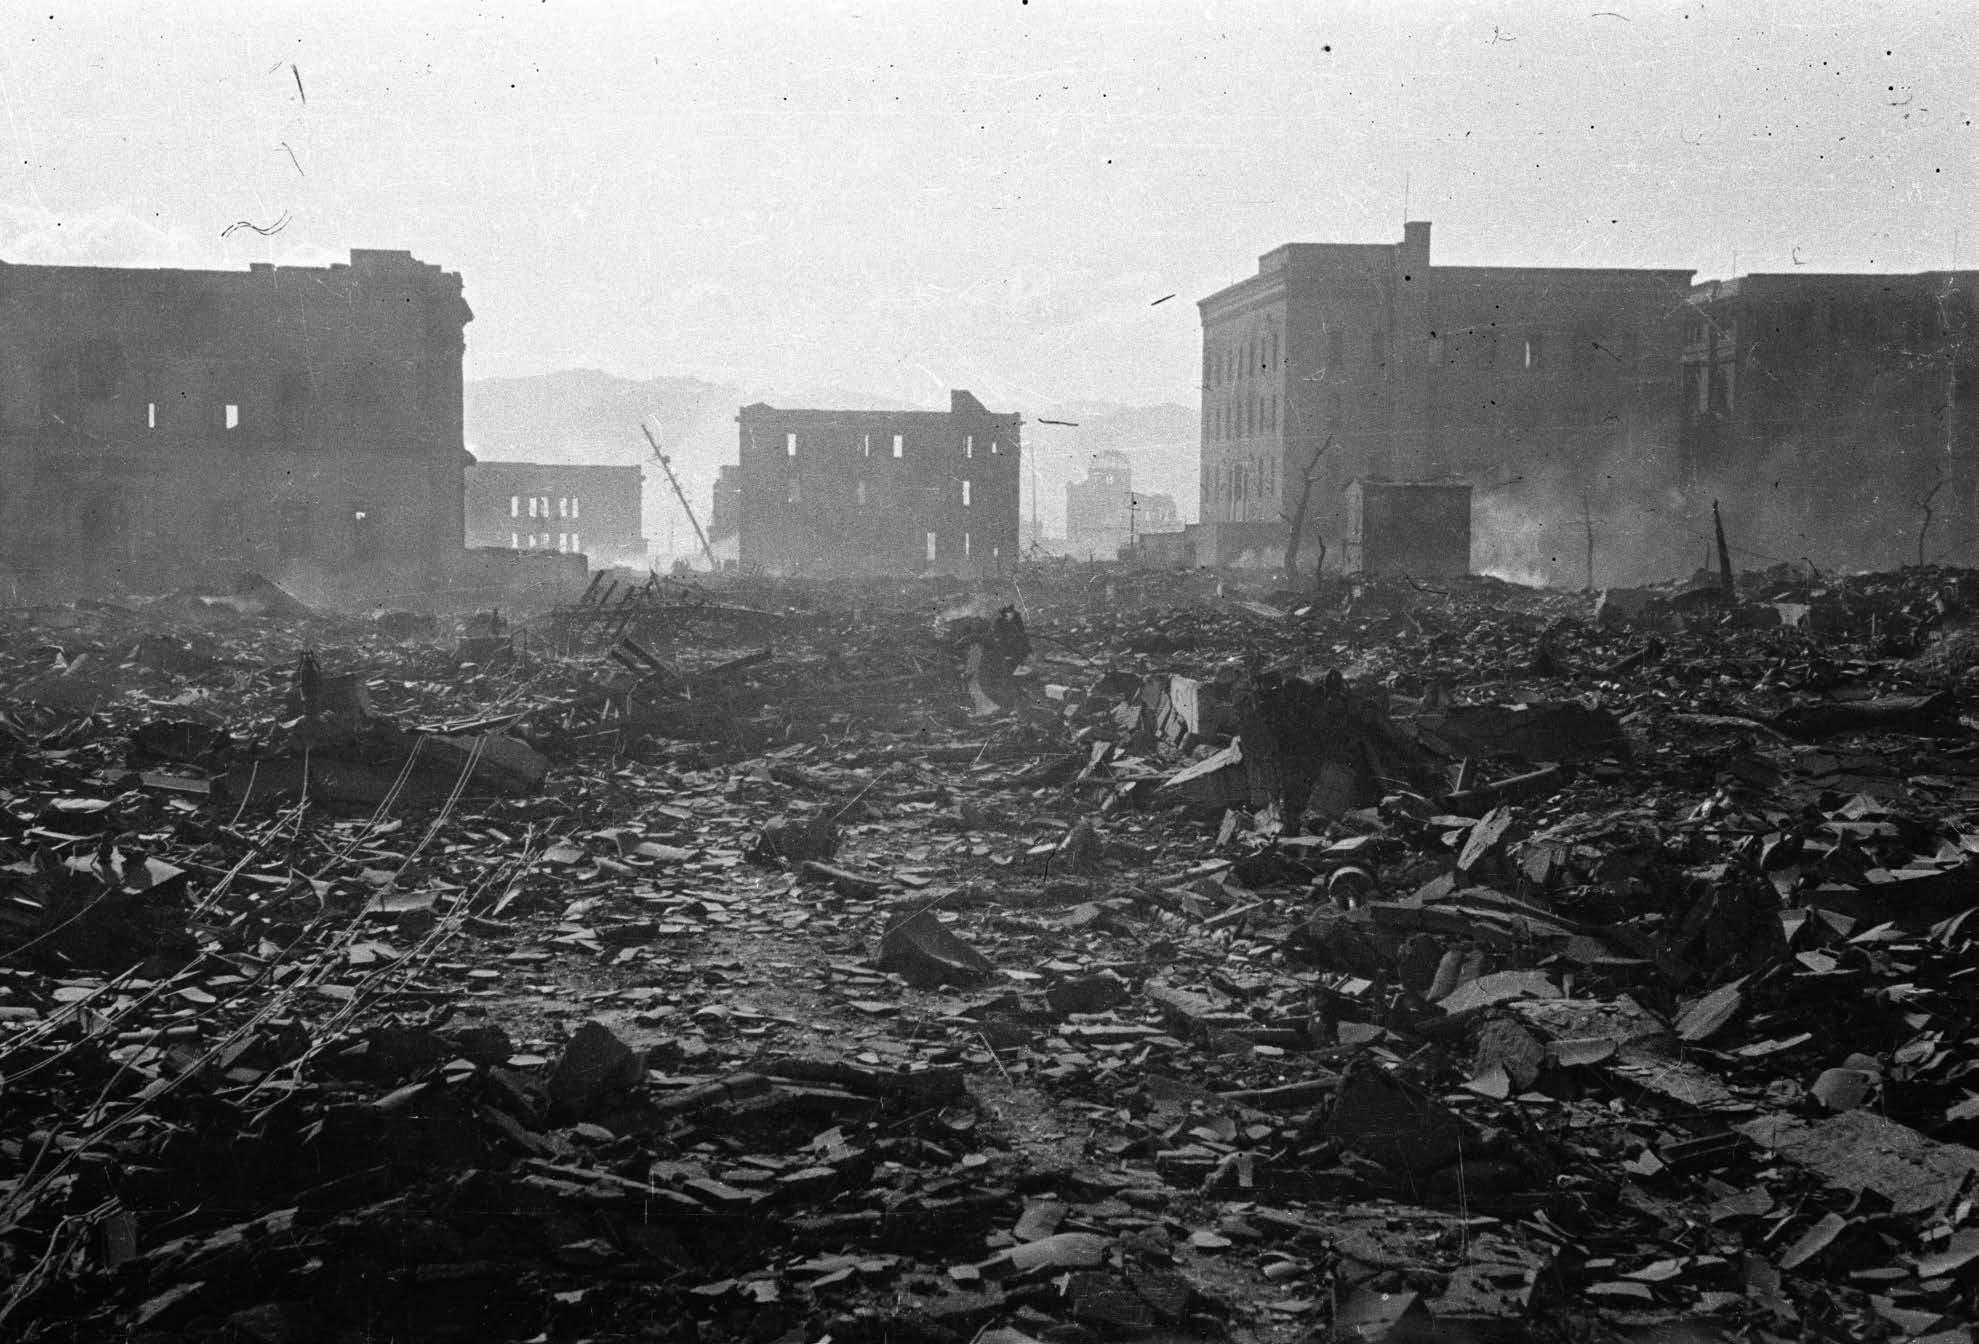 Мицуги Кисида. Хиросима. 500 метров от центра взрыва. 7 августа, 1945 год. Courtesy:https://tinyurl.com/uzdnkfn